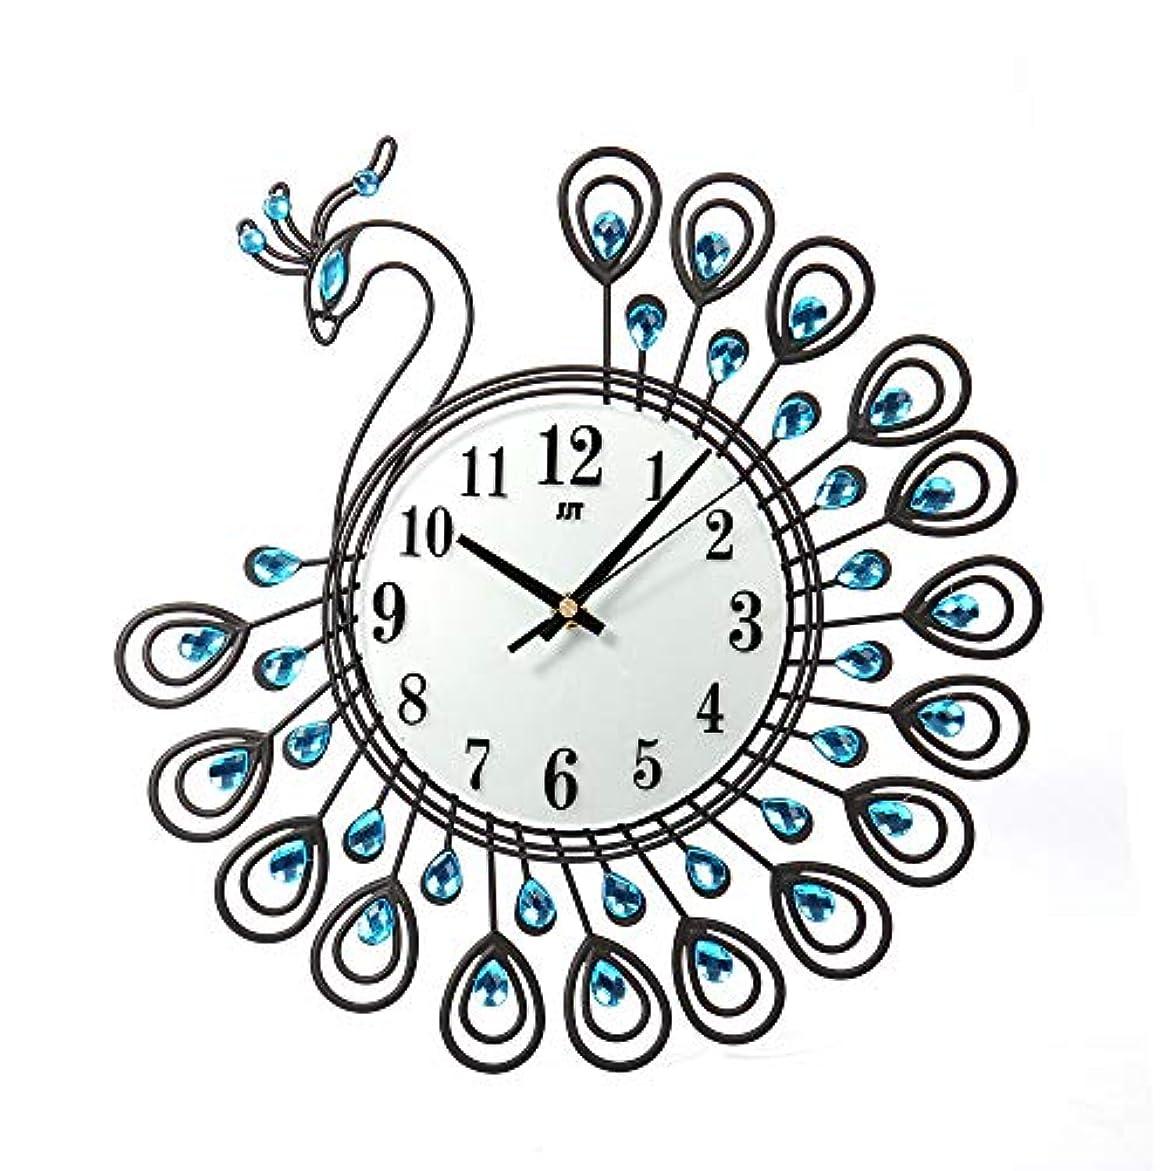 負へこみ操るルームオフィスのための壁時計の金属のラインストーンの家の装飾の孔雀の時計 (ブラック)